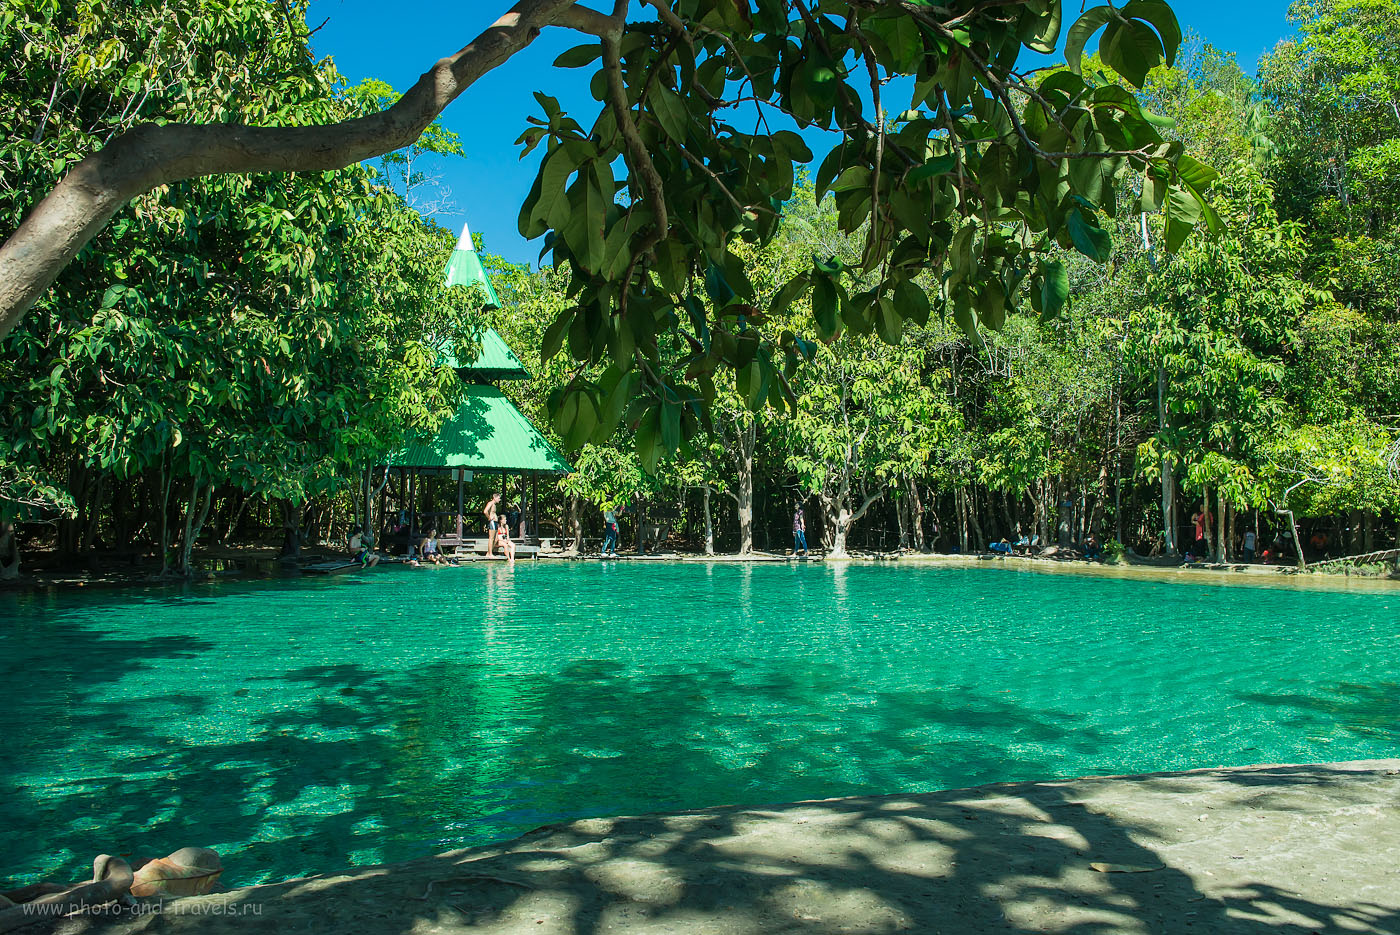 Фотография 16. Изумрудный бассейн (Emerald Pool) в провинции Краби (500, 28, 9.0, 1/250, на объективе Nikkor 24-70/2.8 у меня почти всегда был накручен поляризационный фильтр Hoya HD Circular-PL). Рассказы об отдыхе в Таиланде самостоятельно